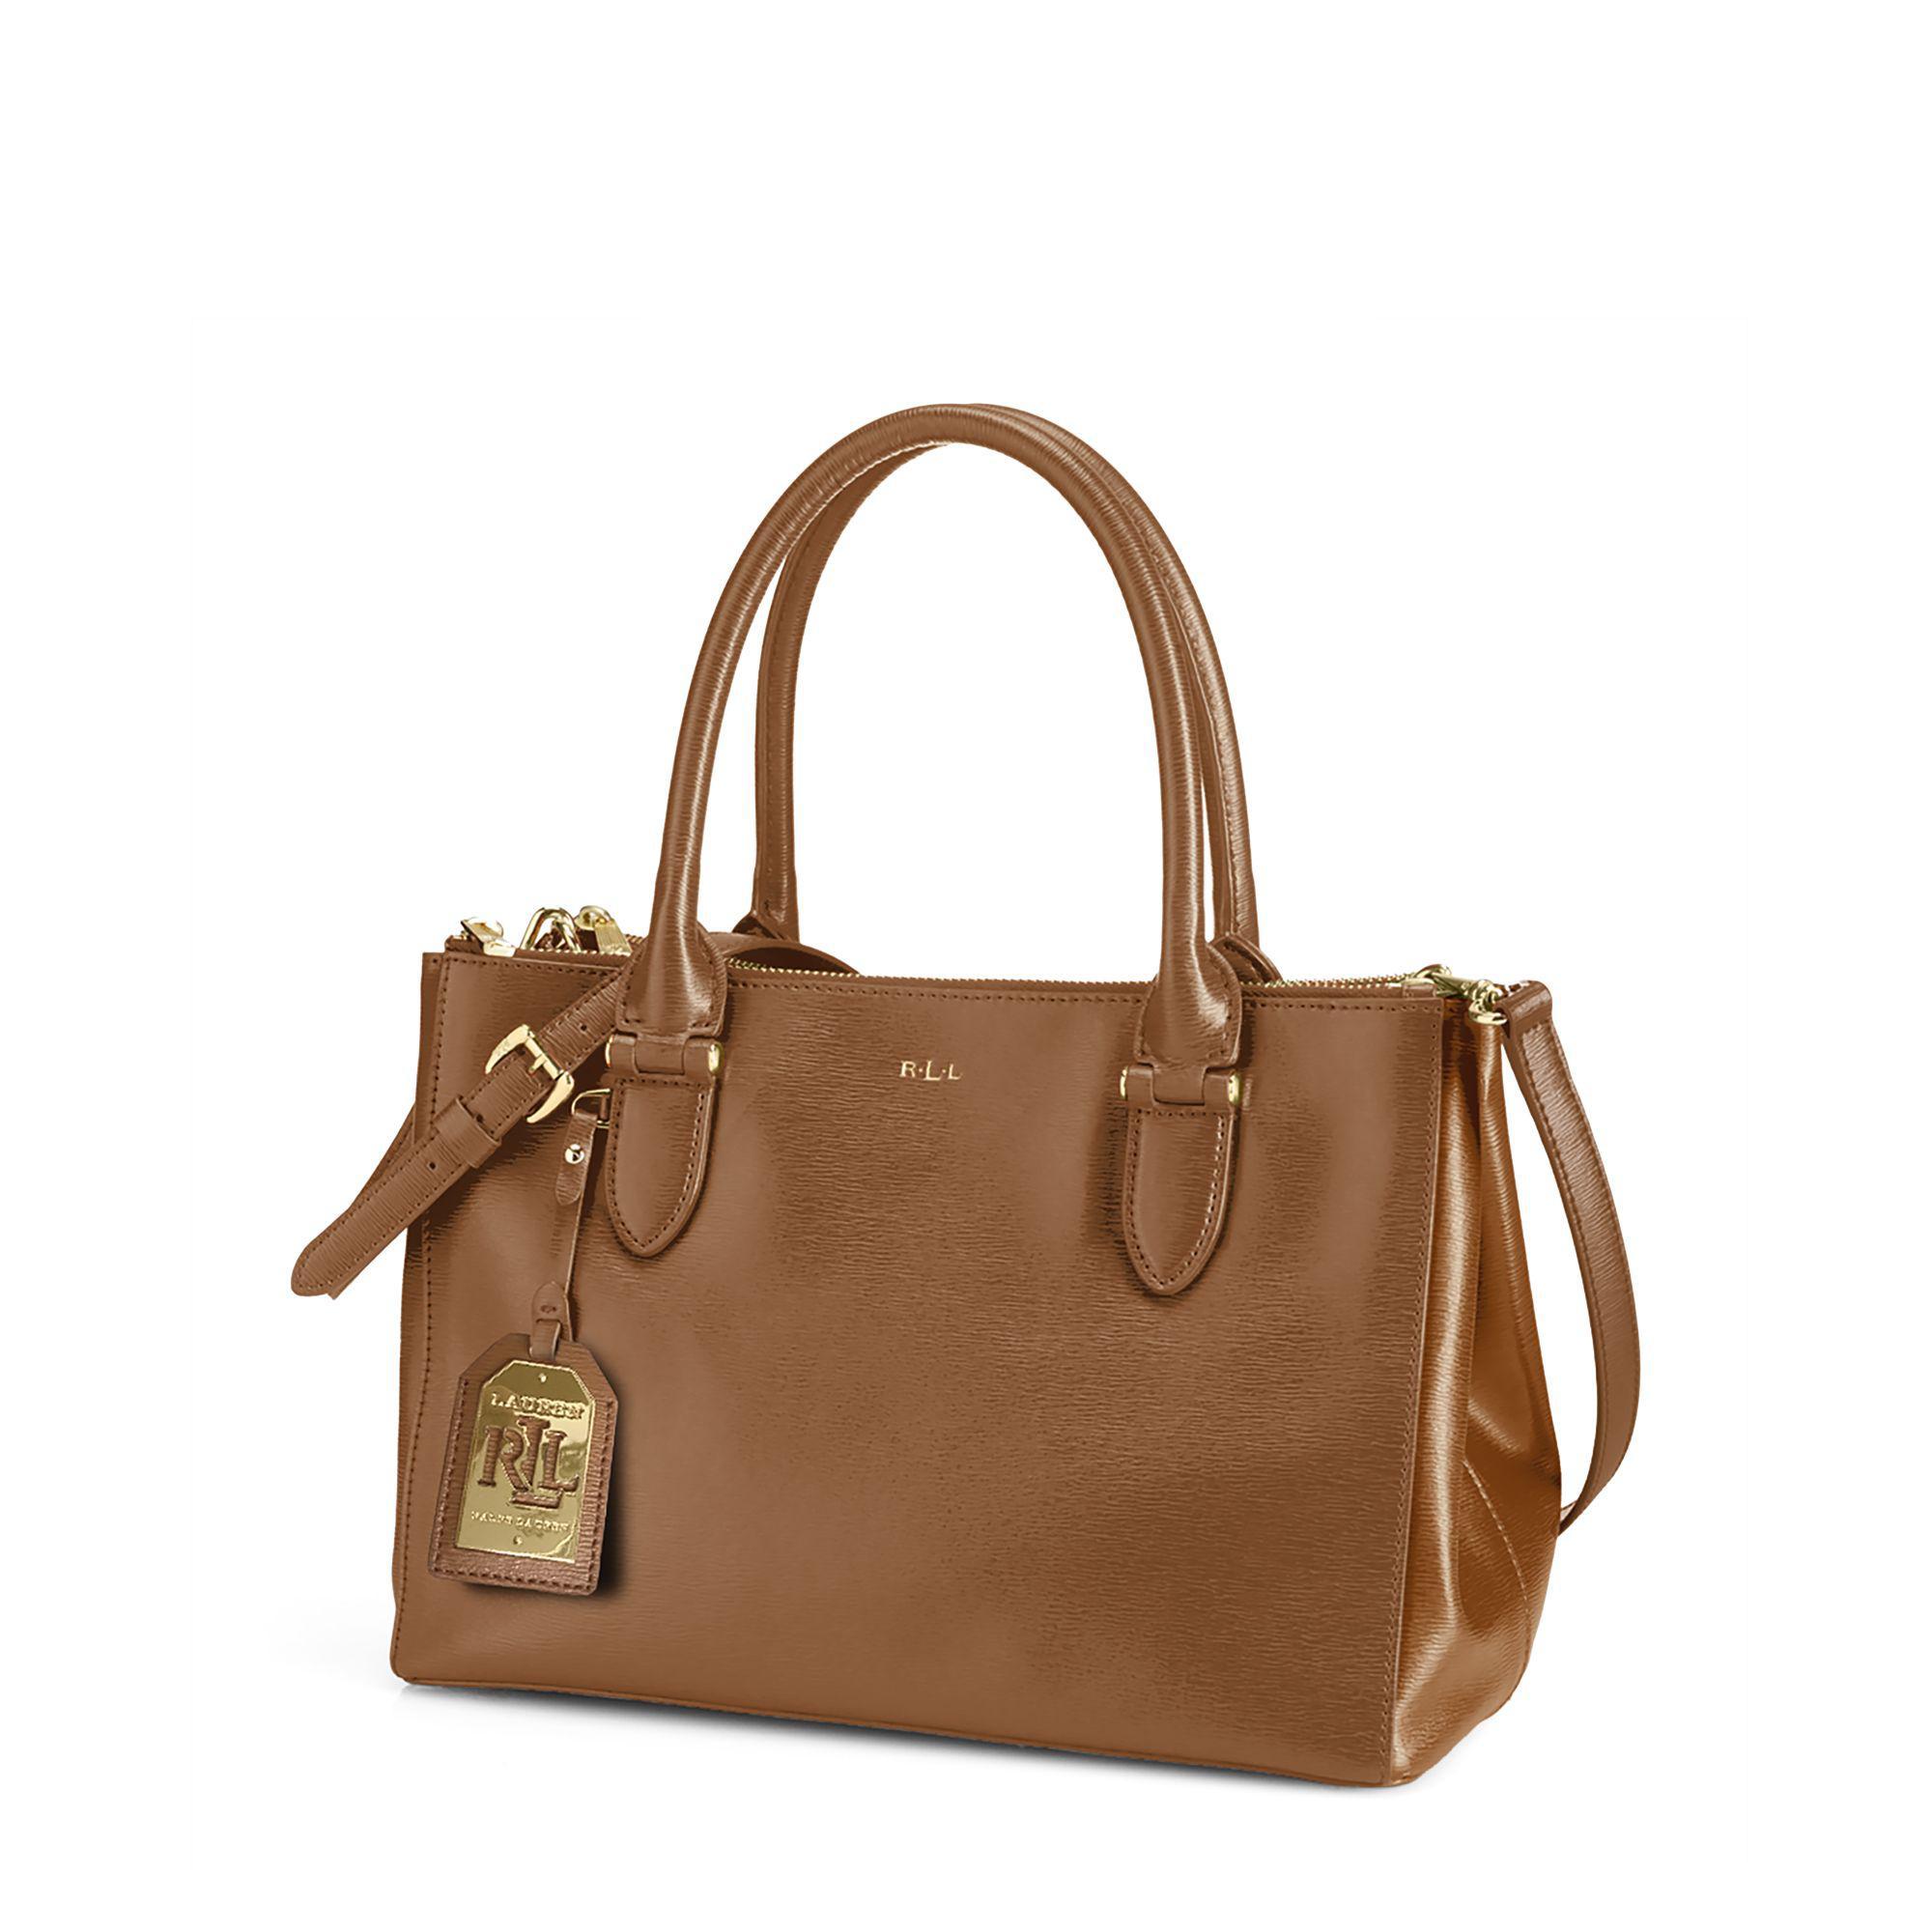 120c7ee5667 Ralph Lauren Newbury Double-zip Shopper in Brown - Lyst